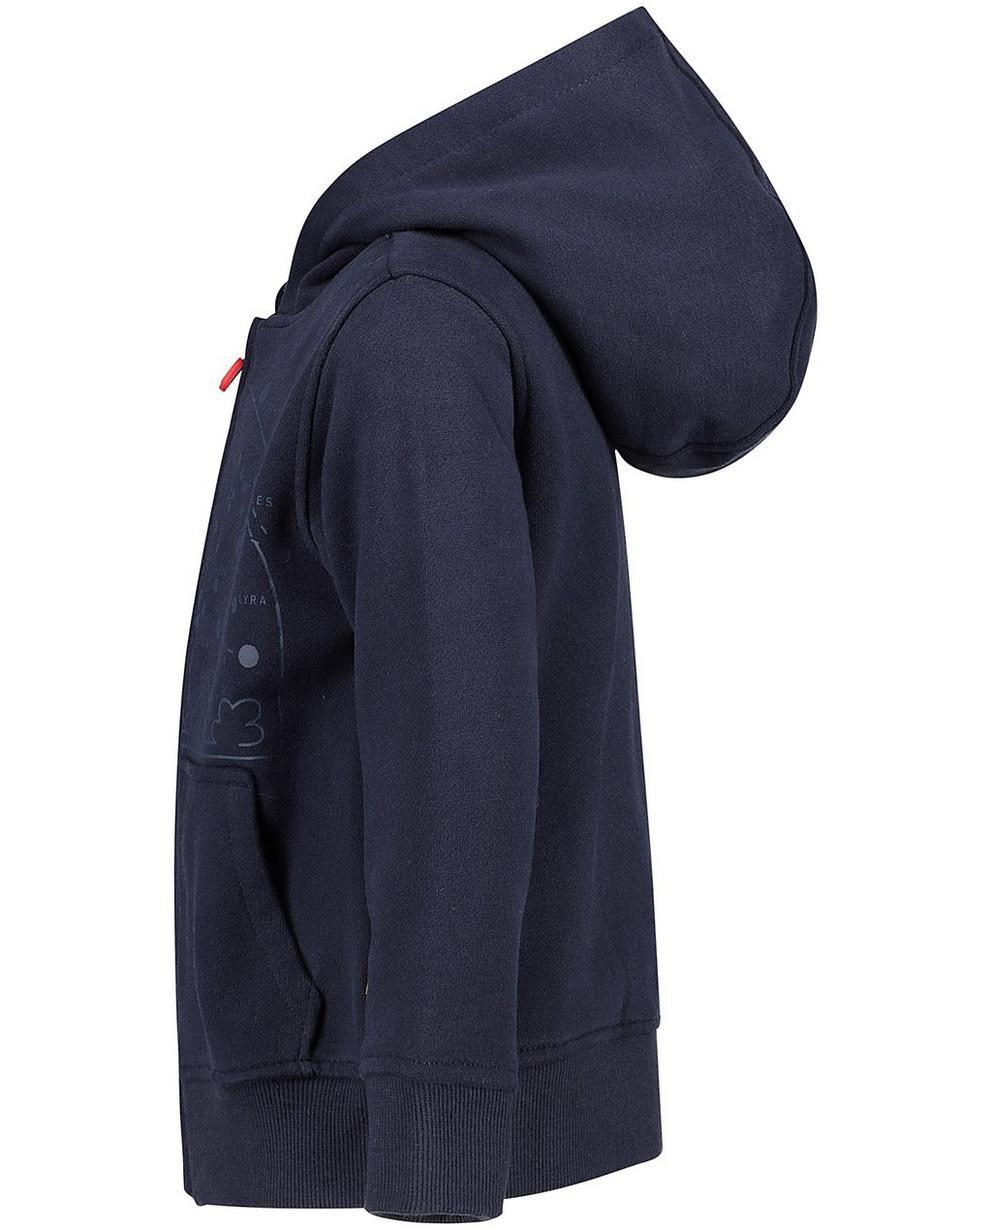 Cardigans - navy - Gilet molletonné bleu